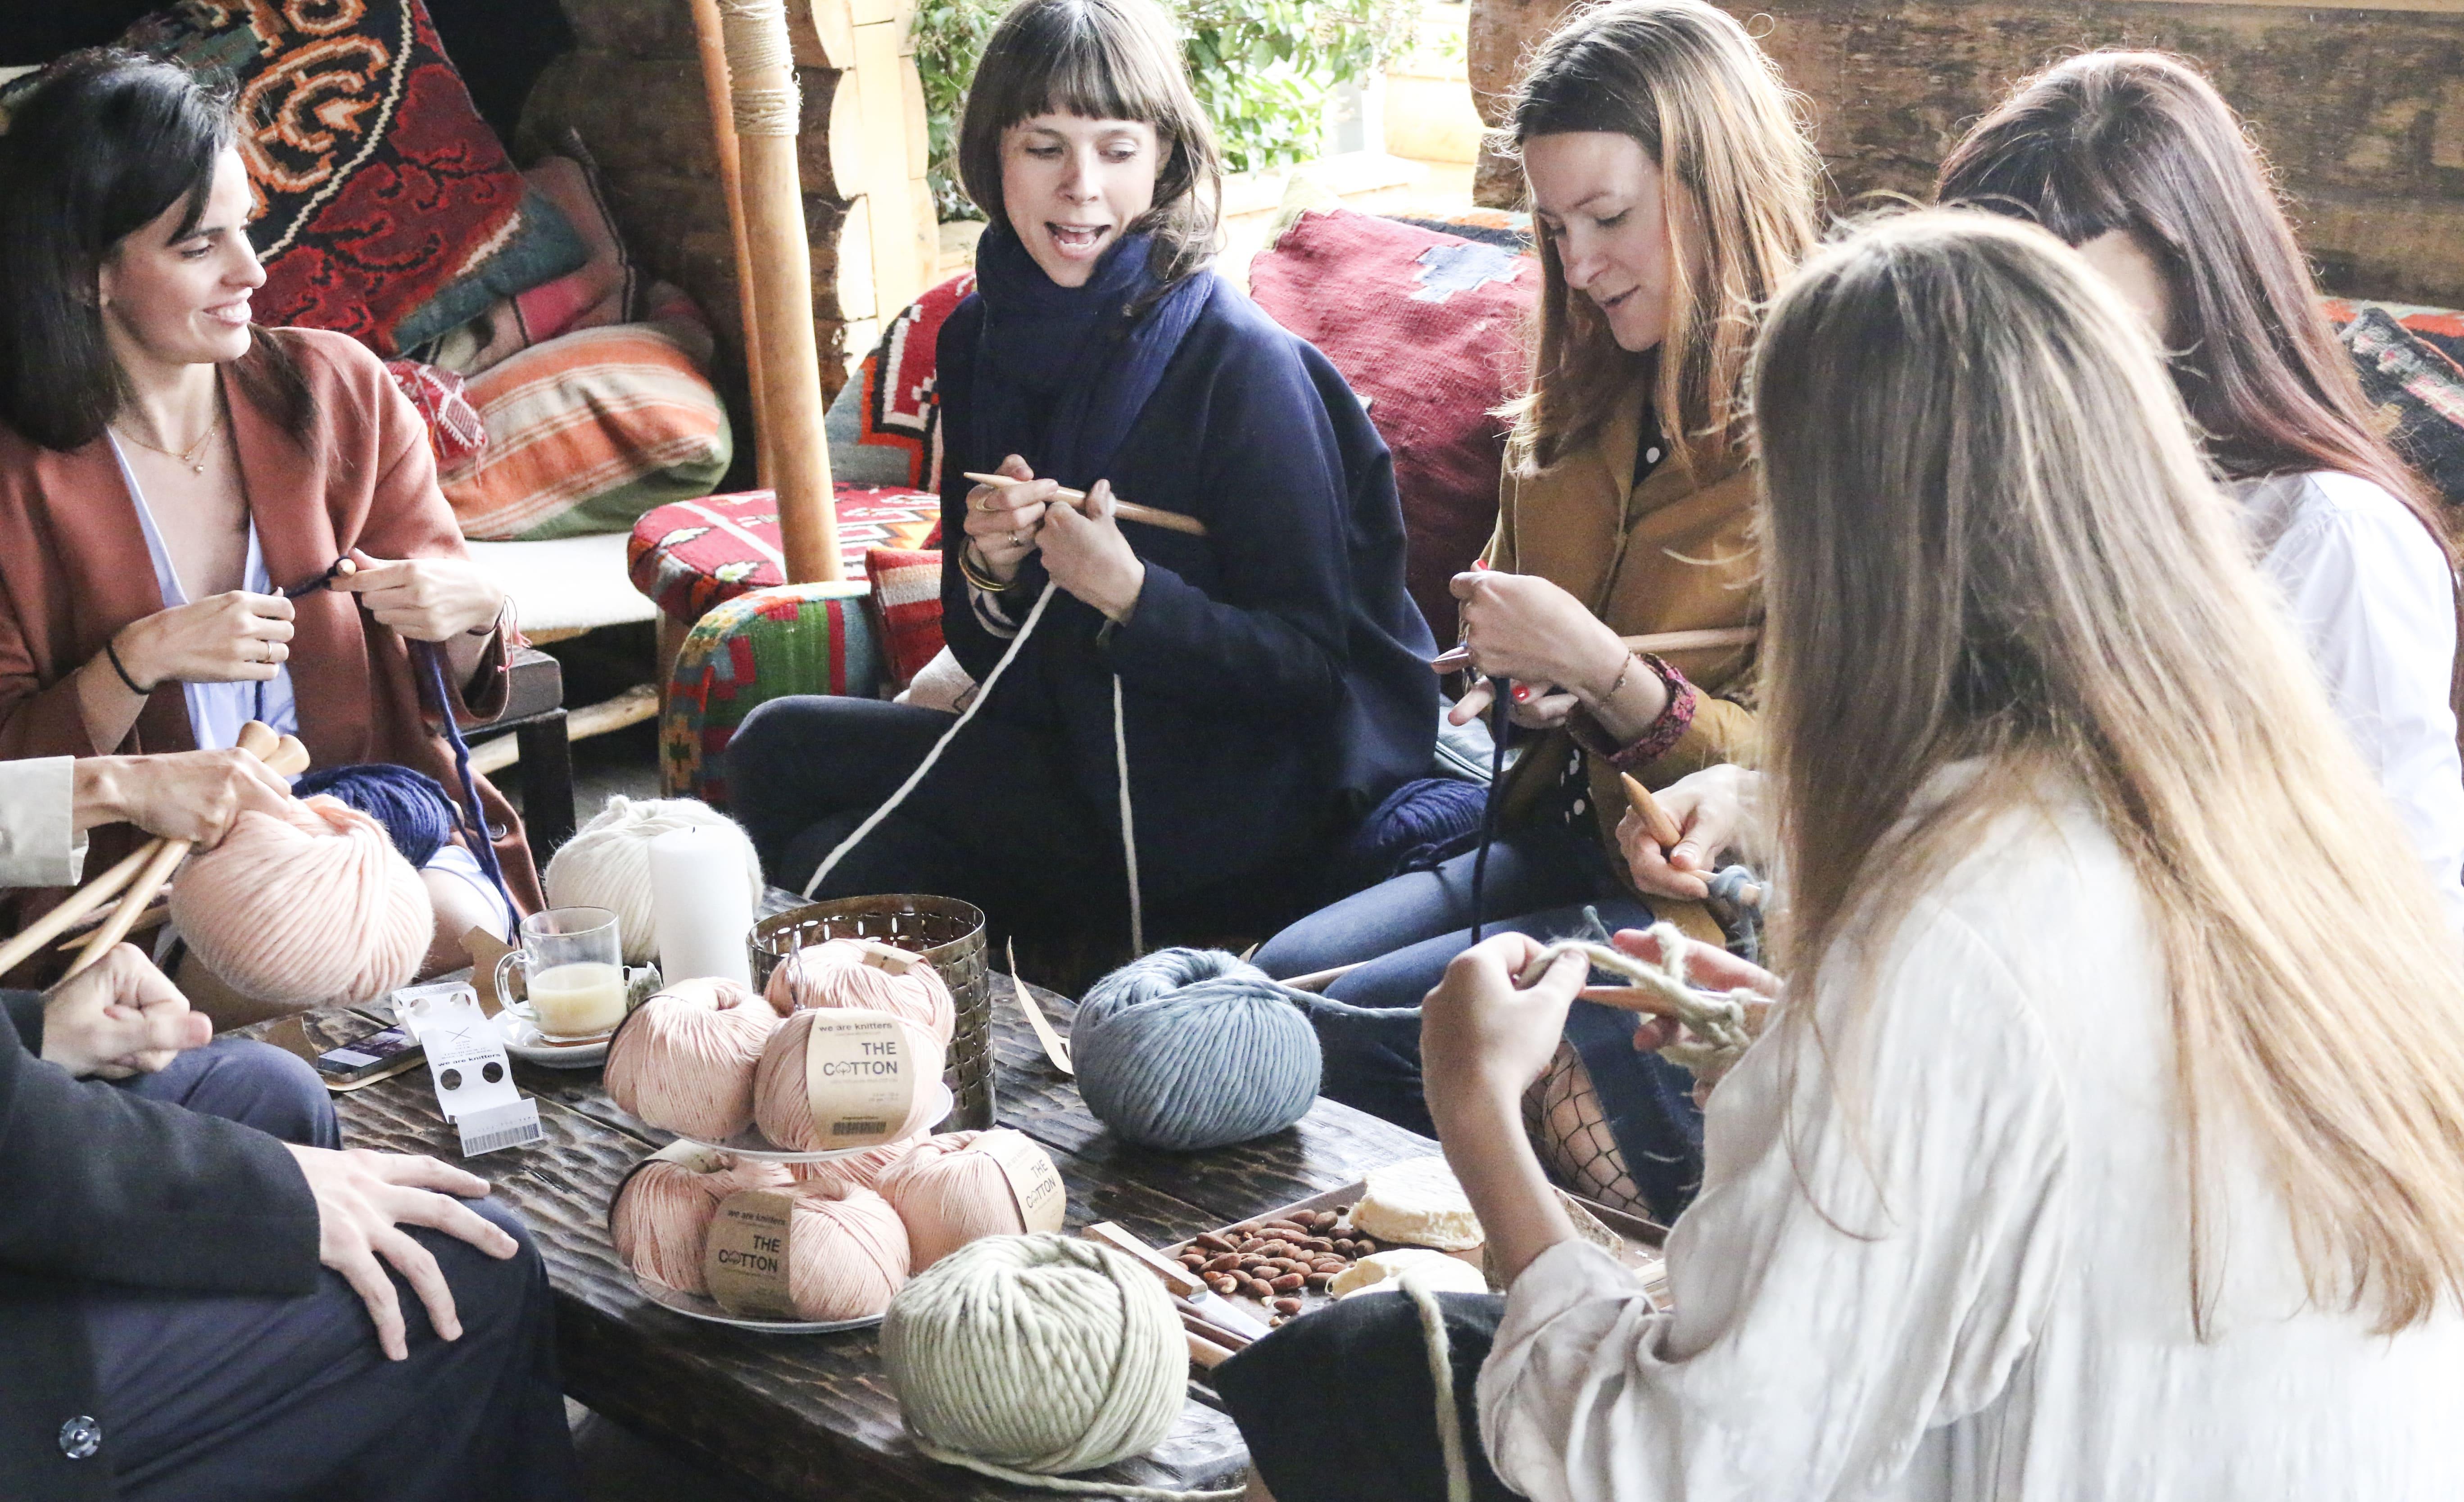 We Are Knitters celebra el día mundial de tejer en público con varias Knitting parties y un concurso